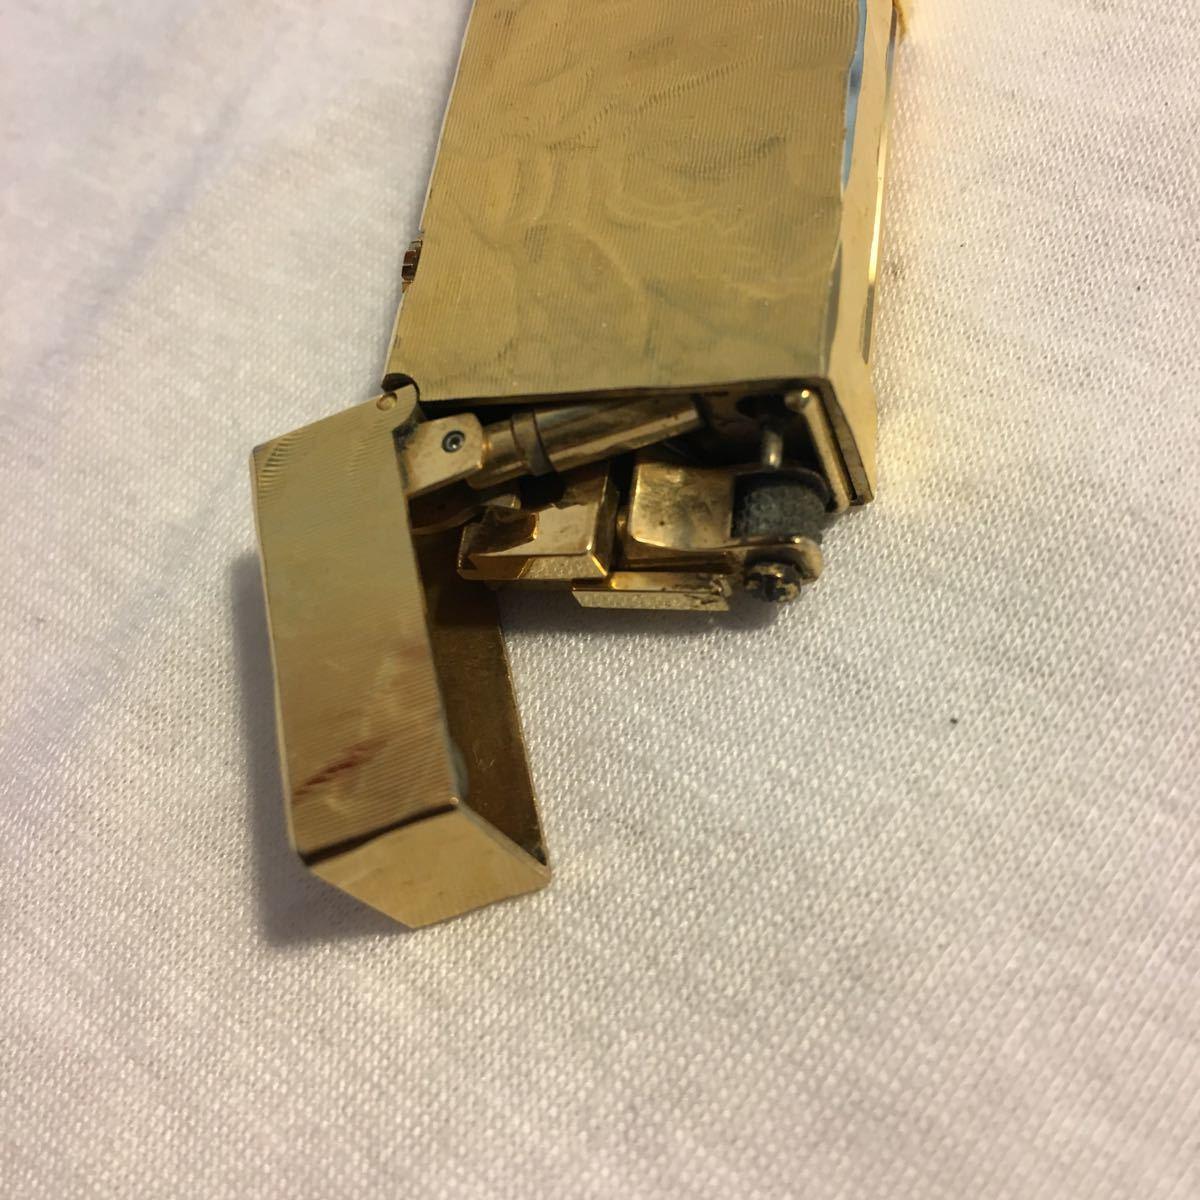 ダンヒルライター 総重量 約77.62g ゴールド ガスライター ブランド コレクション dunhill swiss made_画像10